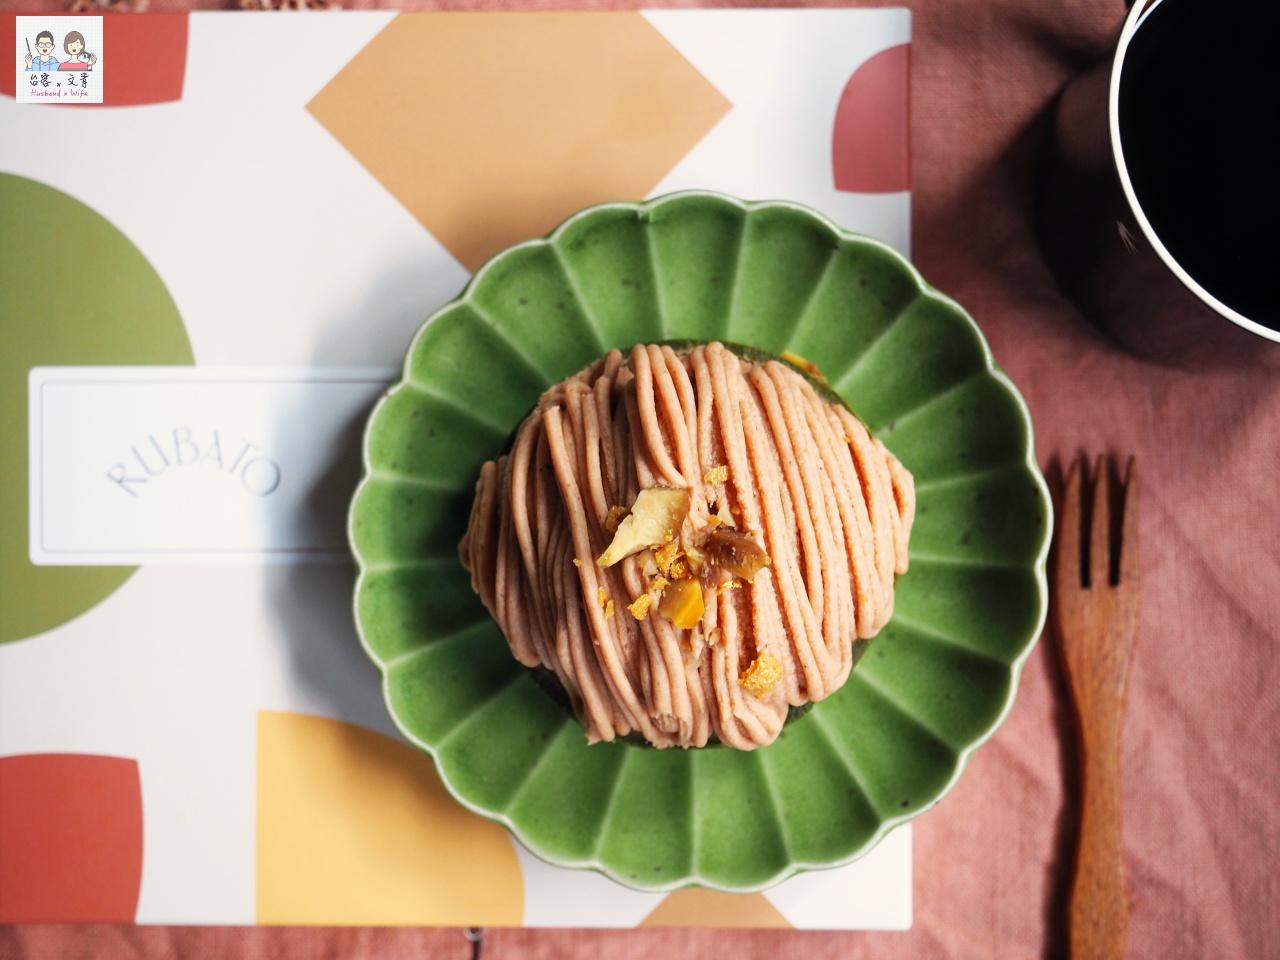 【網購⋈甜點】來一趟味覺旅行  手工甜點工作室「Rubato Handmade Lab.」 @台客X文青的夫婦日常